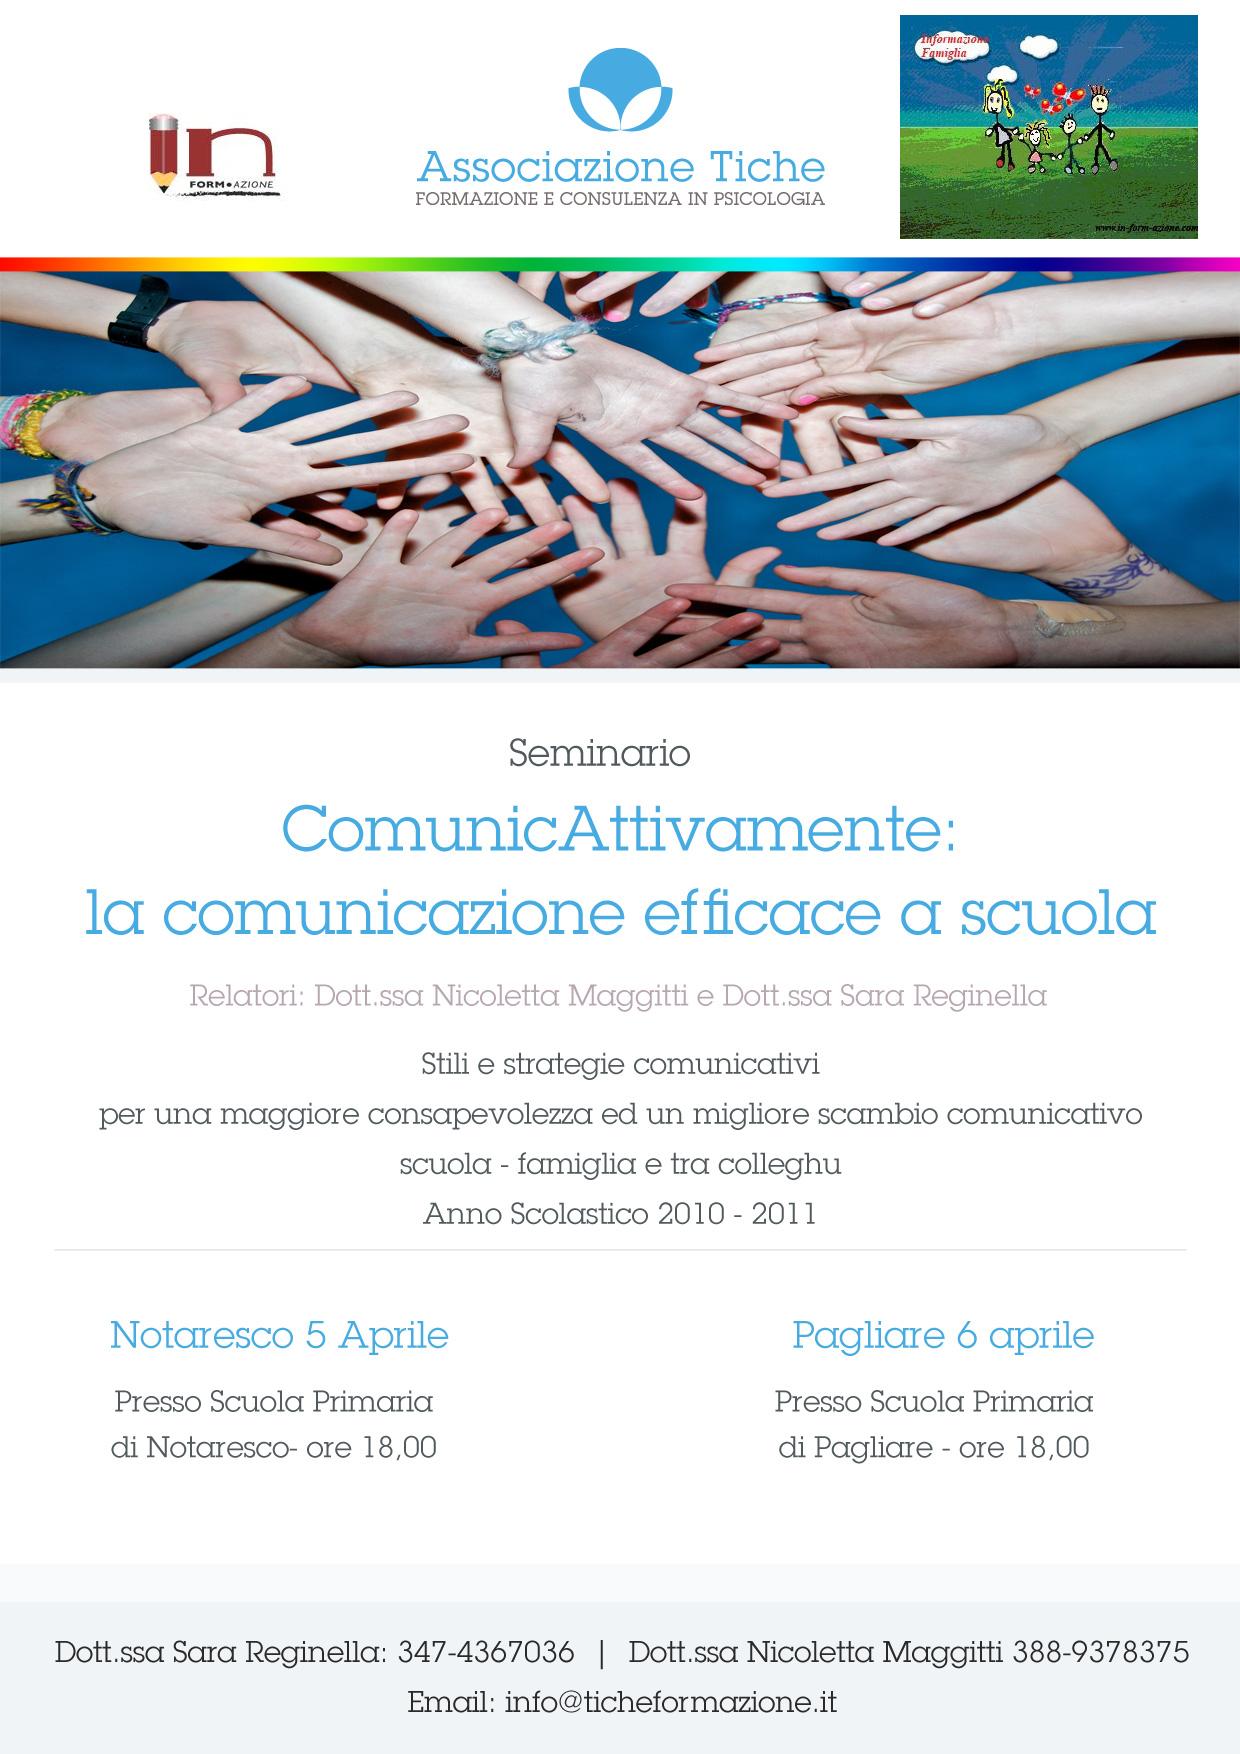 ComunicAttivamente: la comunicazione efficace a scuola